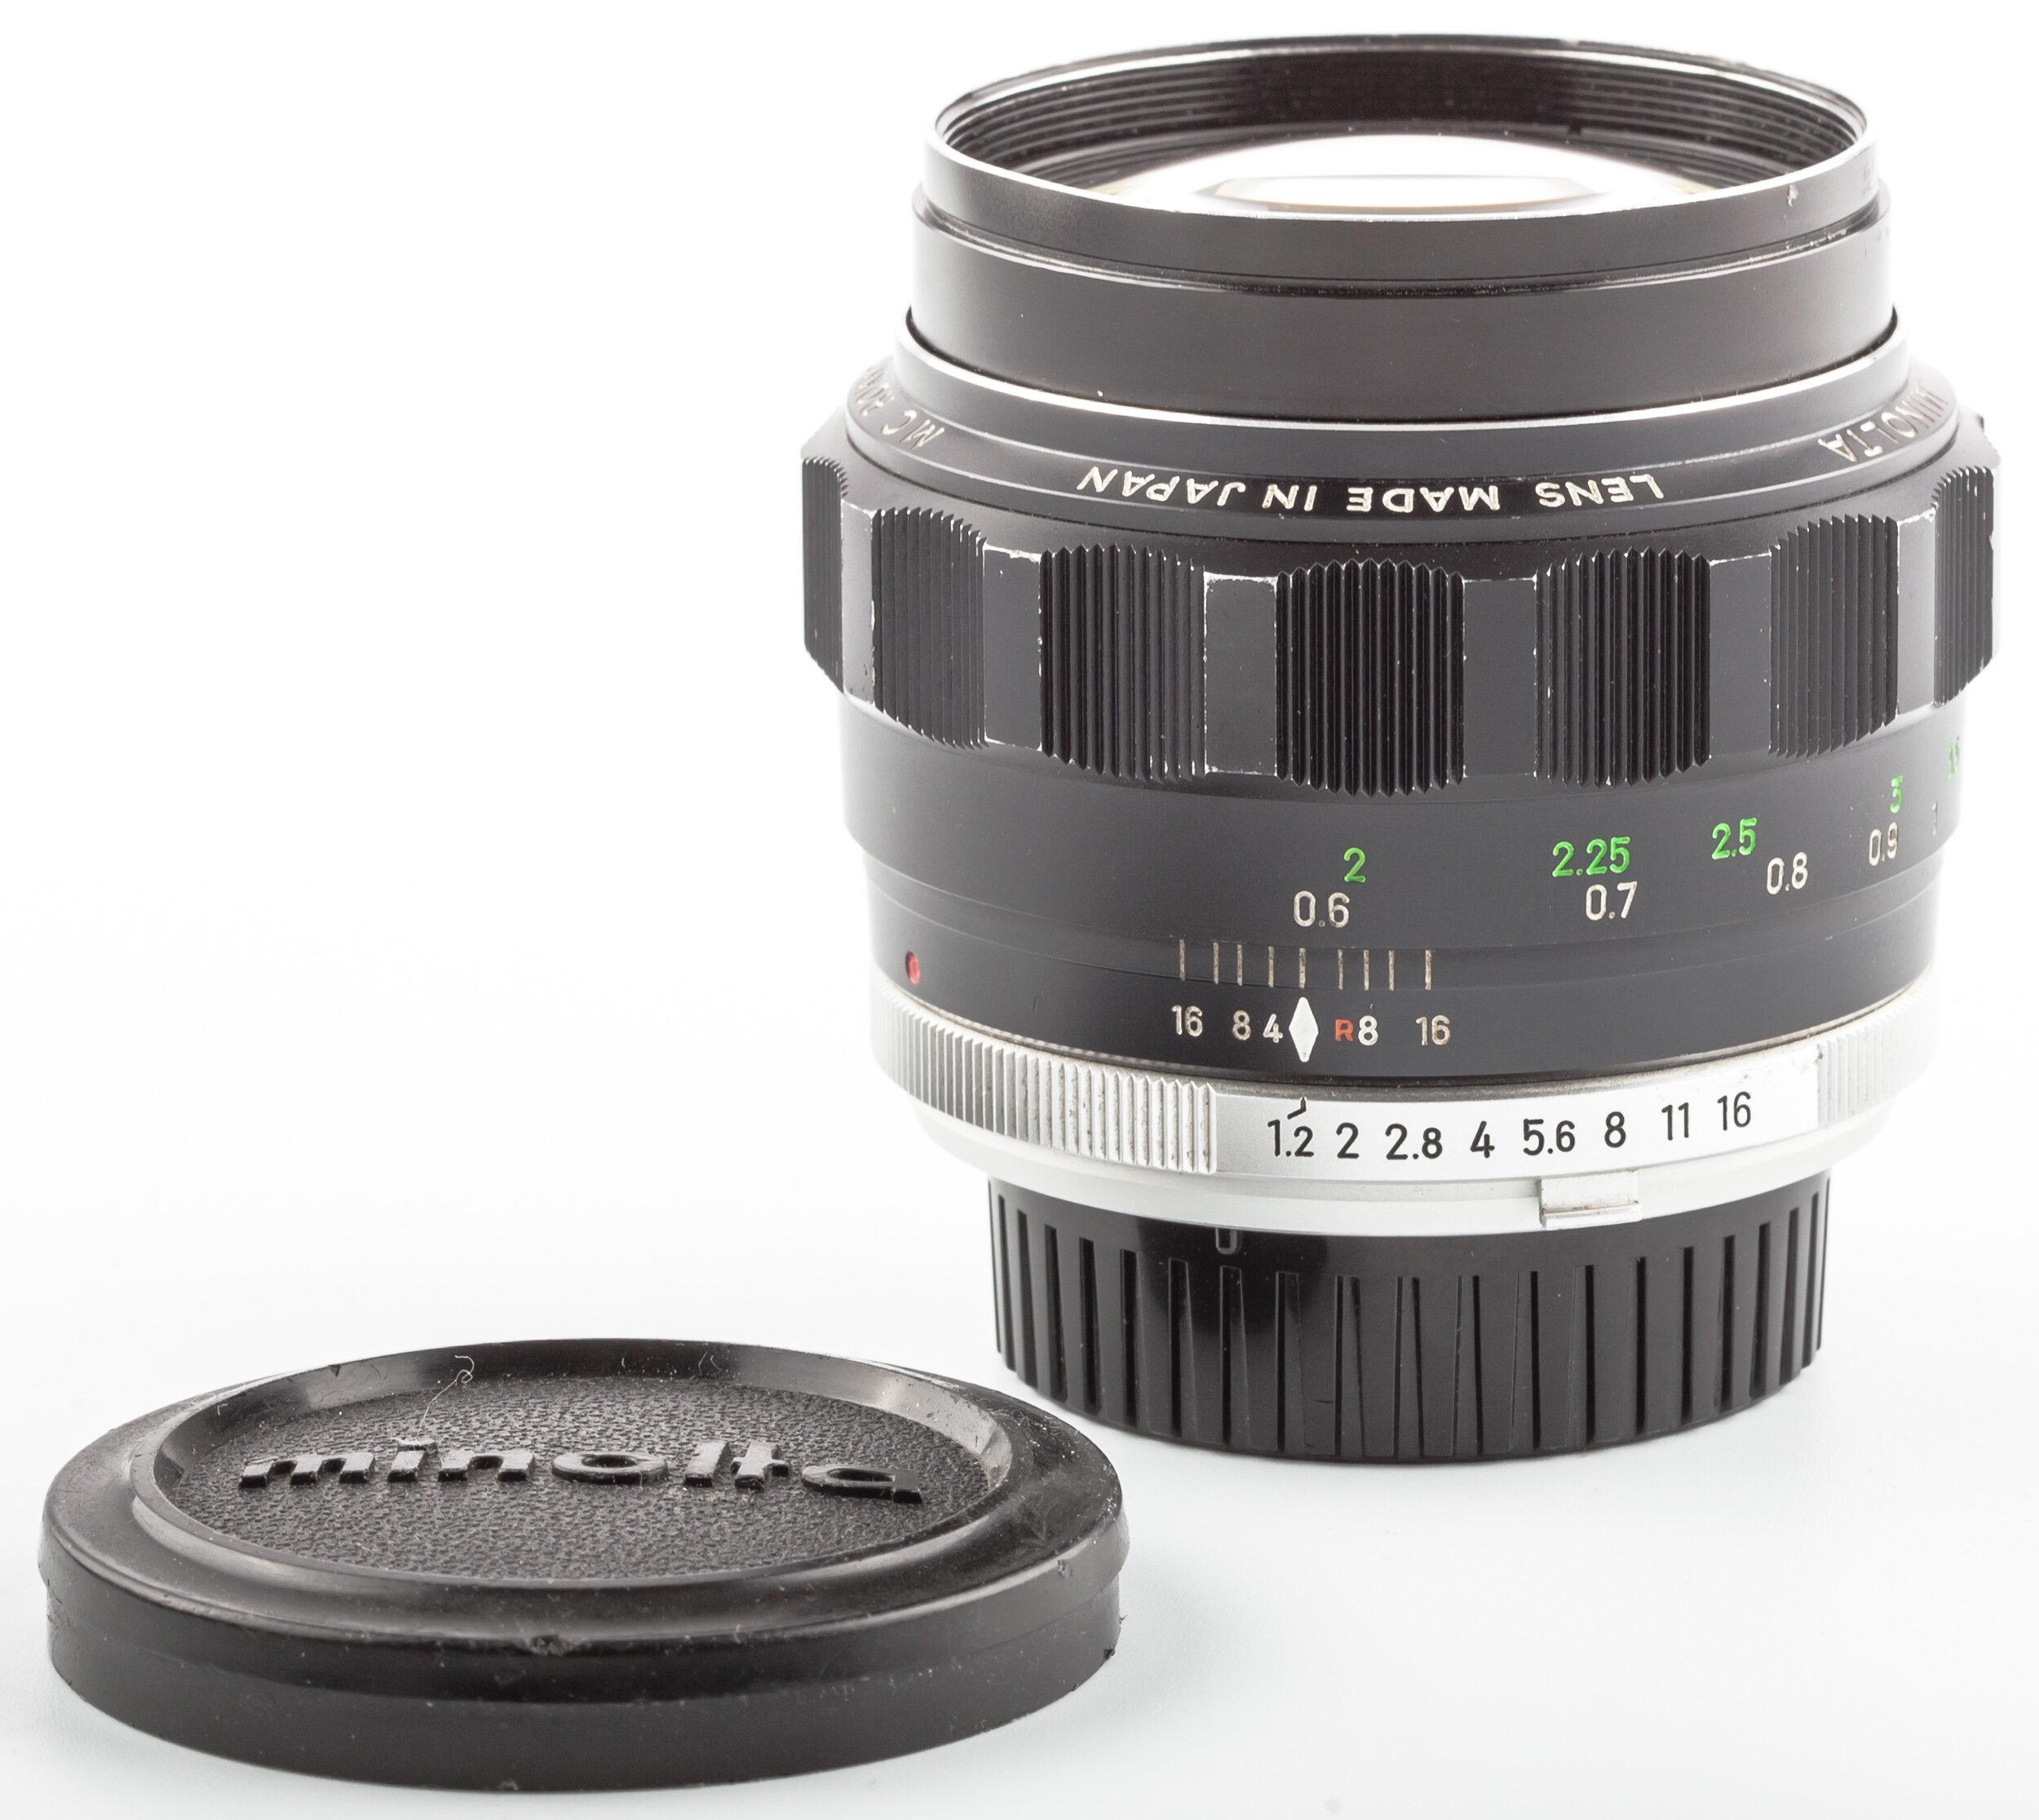 Minolta MC-Rokkor-PG 1,2/58mm